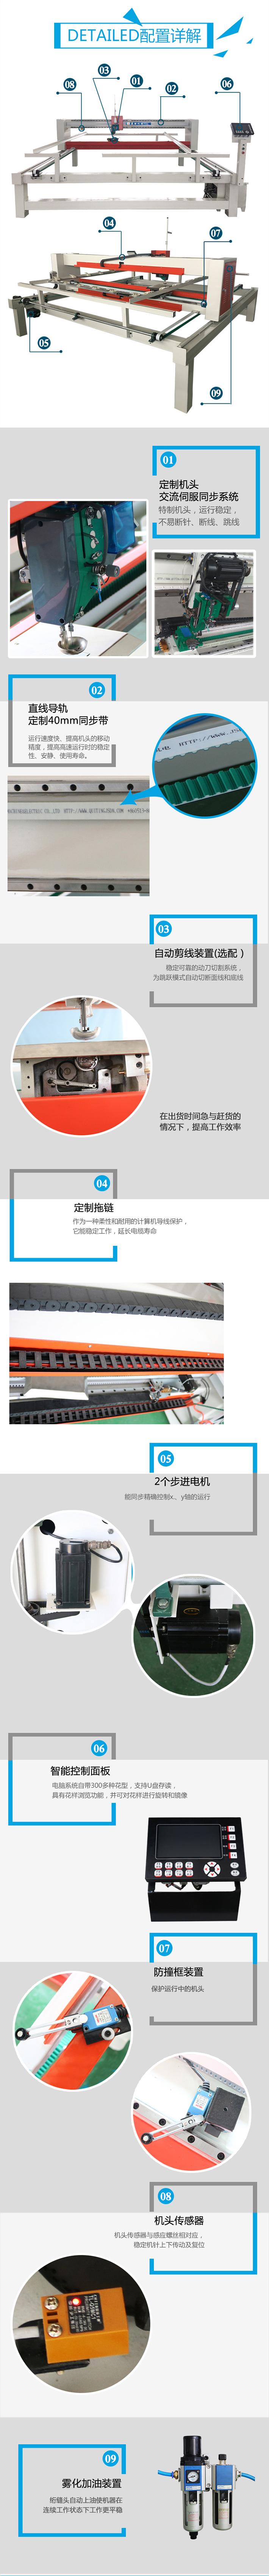 dn-5-s绗缝机配置图